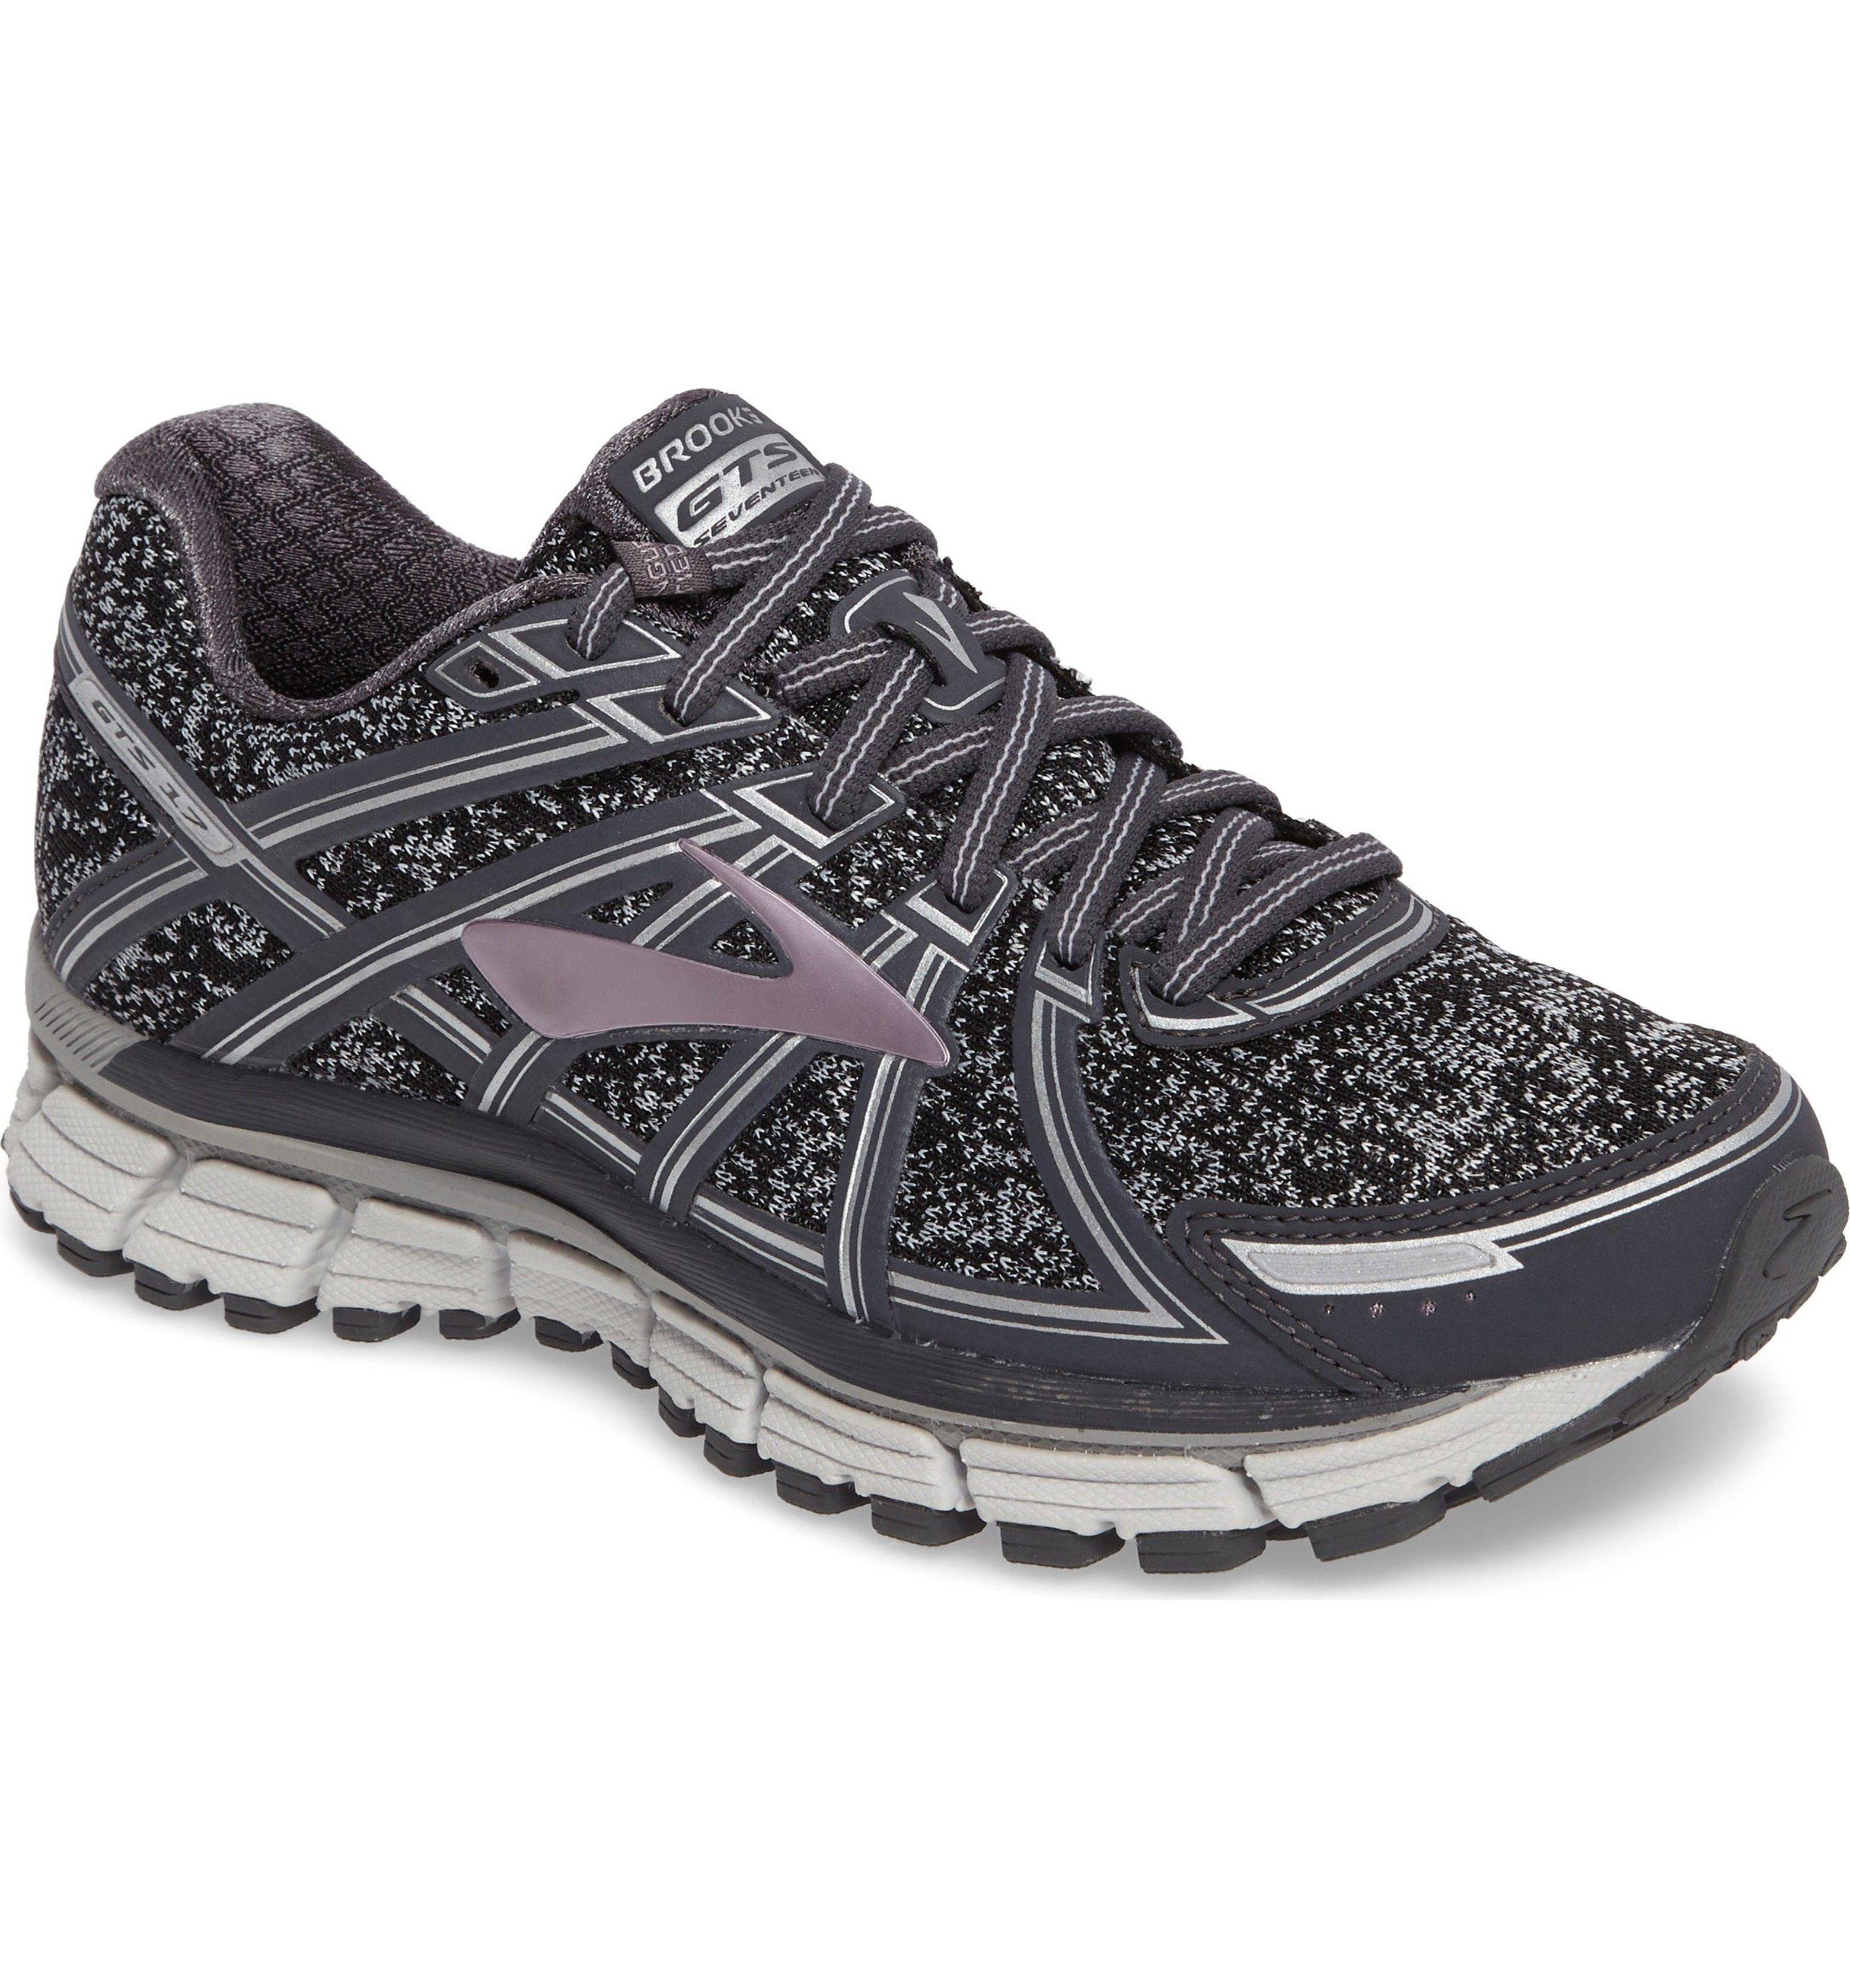 Main Image Brooks Adrenaline Gts 17 Running Shoe Women Best Running Sneakers Womens Running Shoes Brooks Running Shoes Women